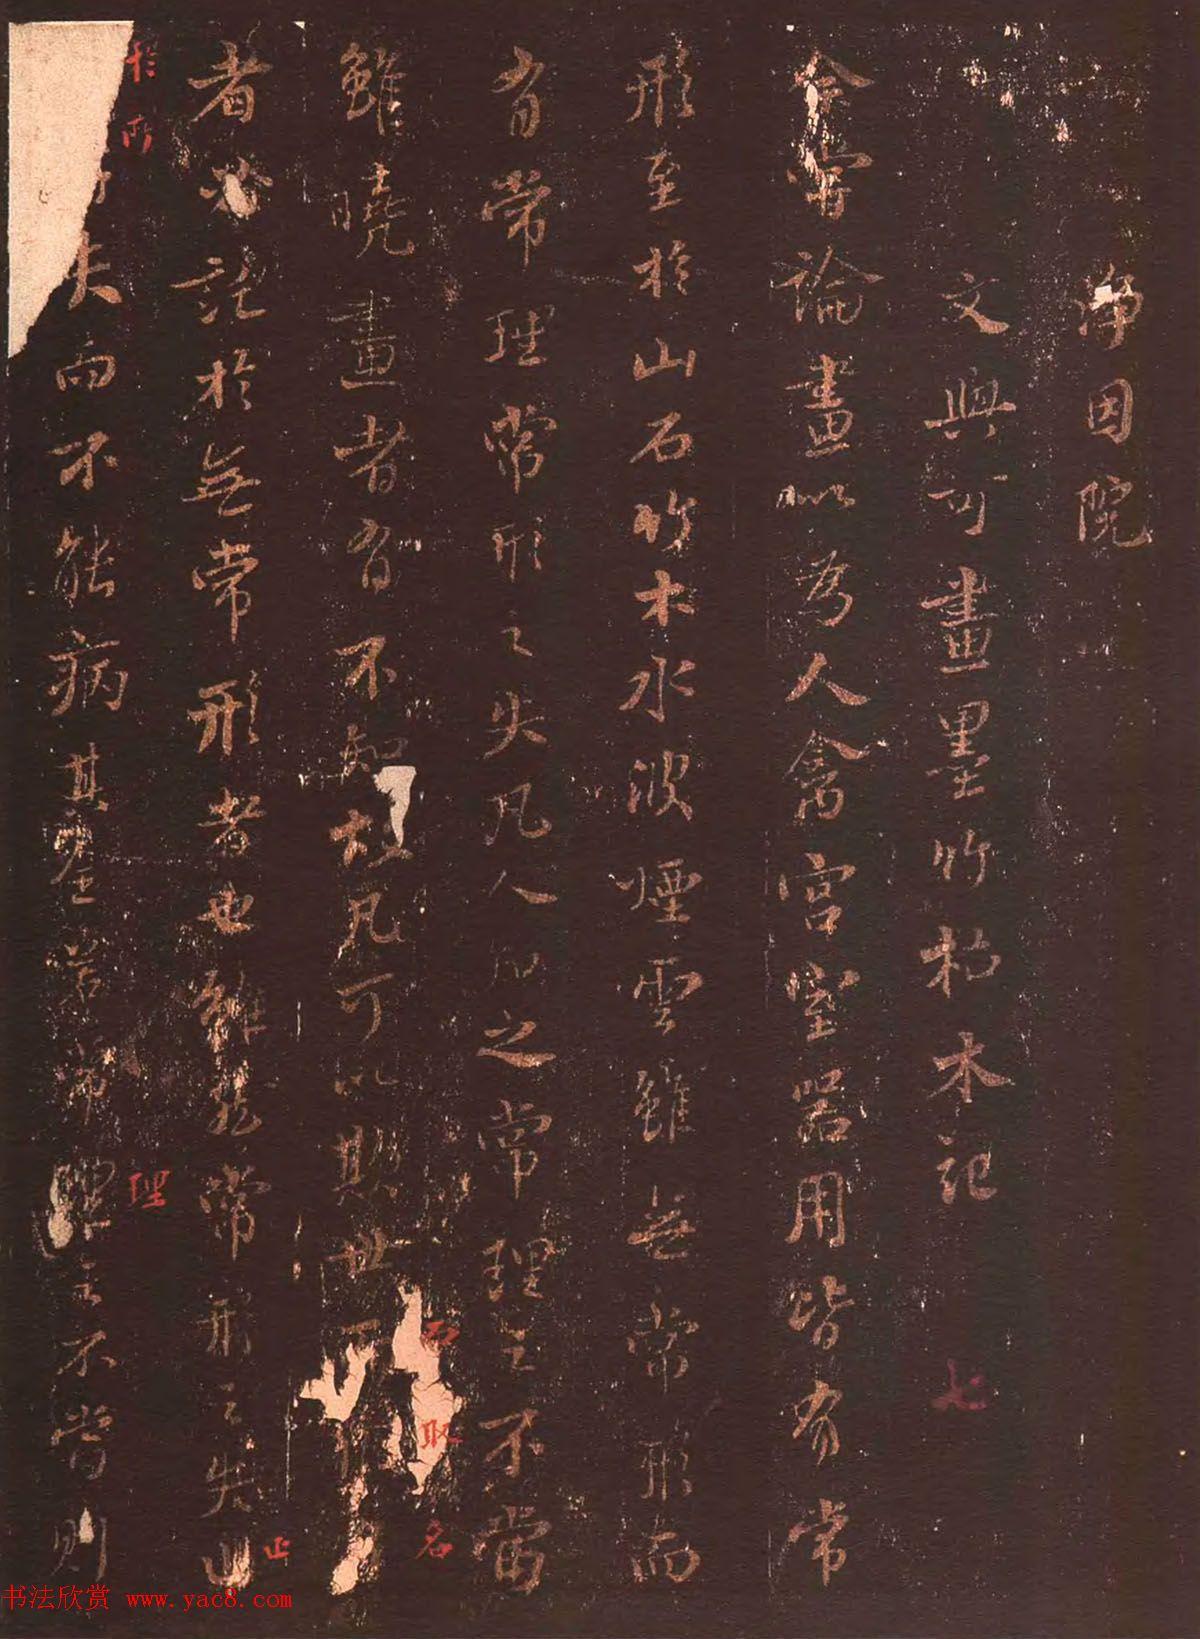 苏轼书法拓本《文与可画竹赞+墨竹枯木记》